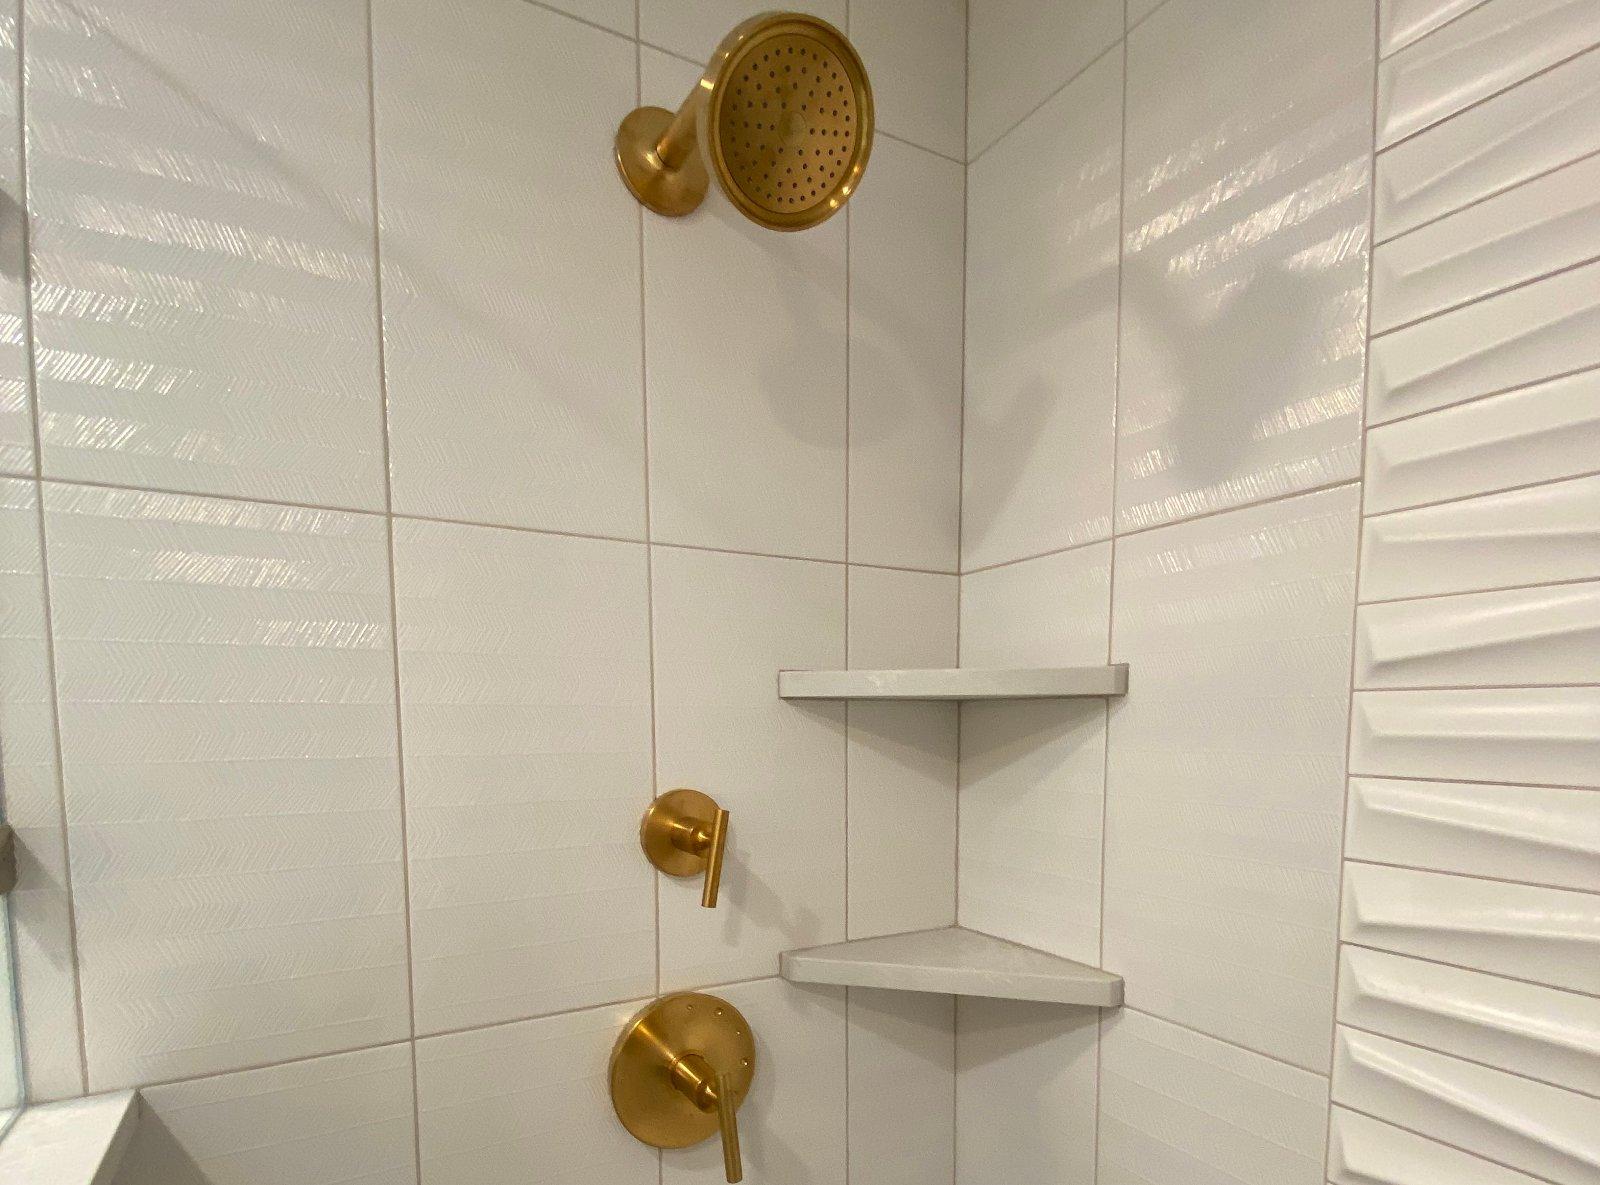 Beaverdale Master Bathroom Addition Basement (after)